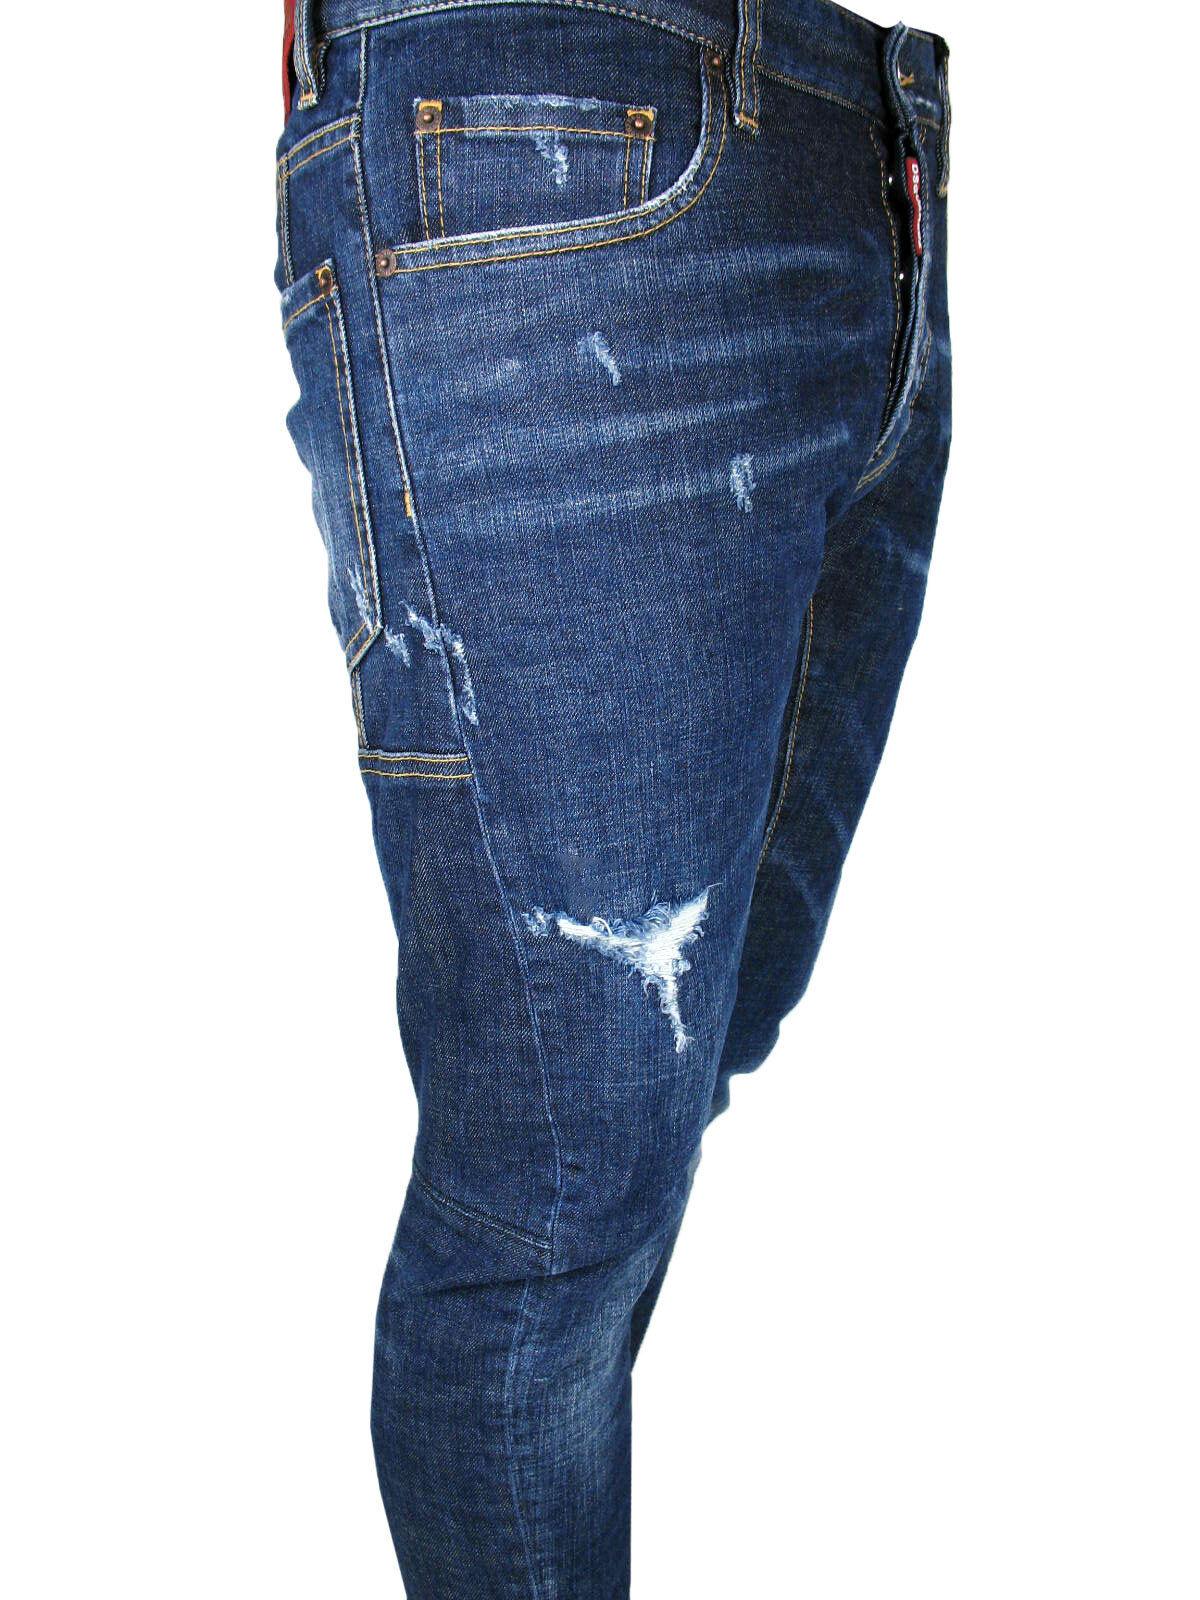 DSQUARED2 DSQUARED2 DSQUARED2 Jeans TIDY BIKER TAGLIA 48,50, 52,54 blu EFFETTO CONSUMATO c7b8ab